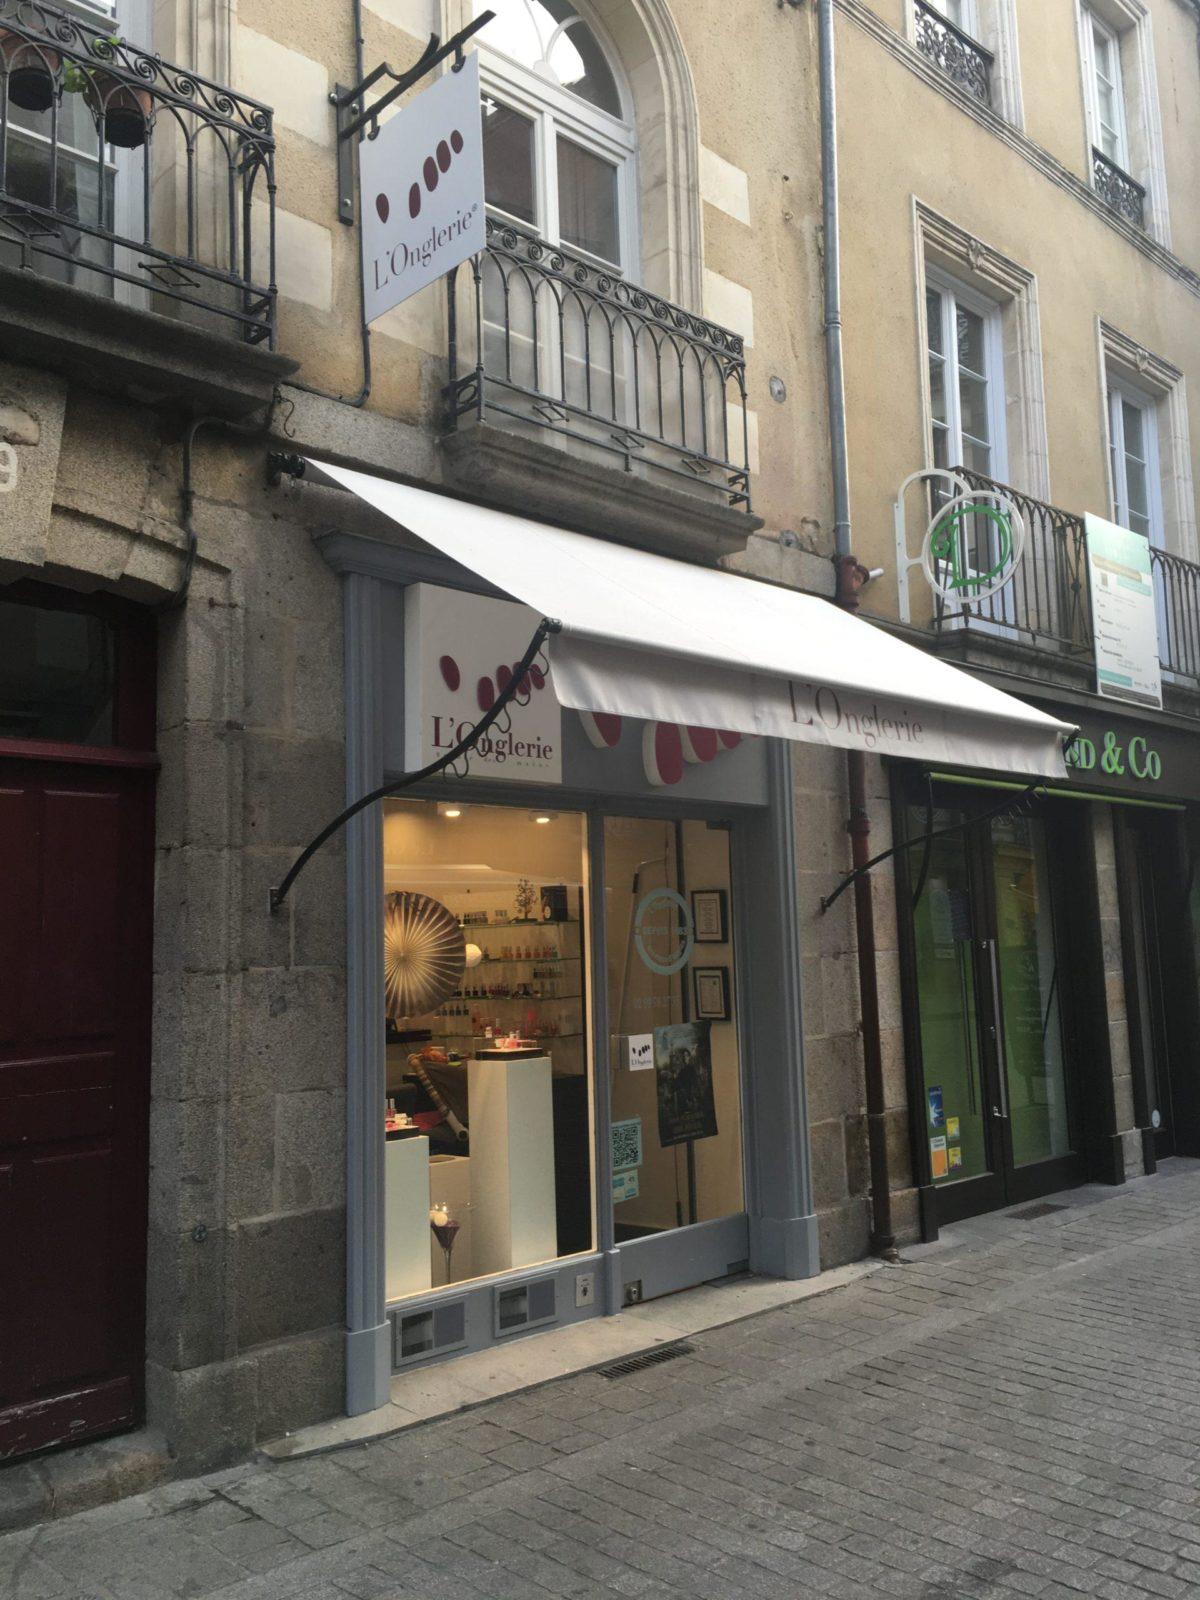 Institut L'Onglerie – Rennes République